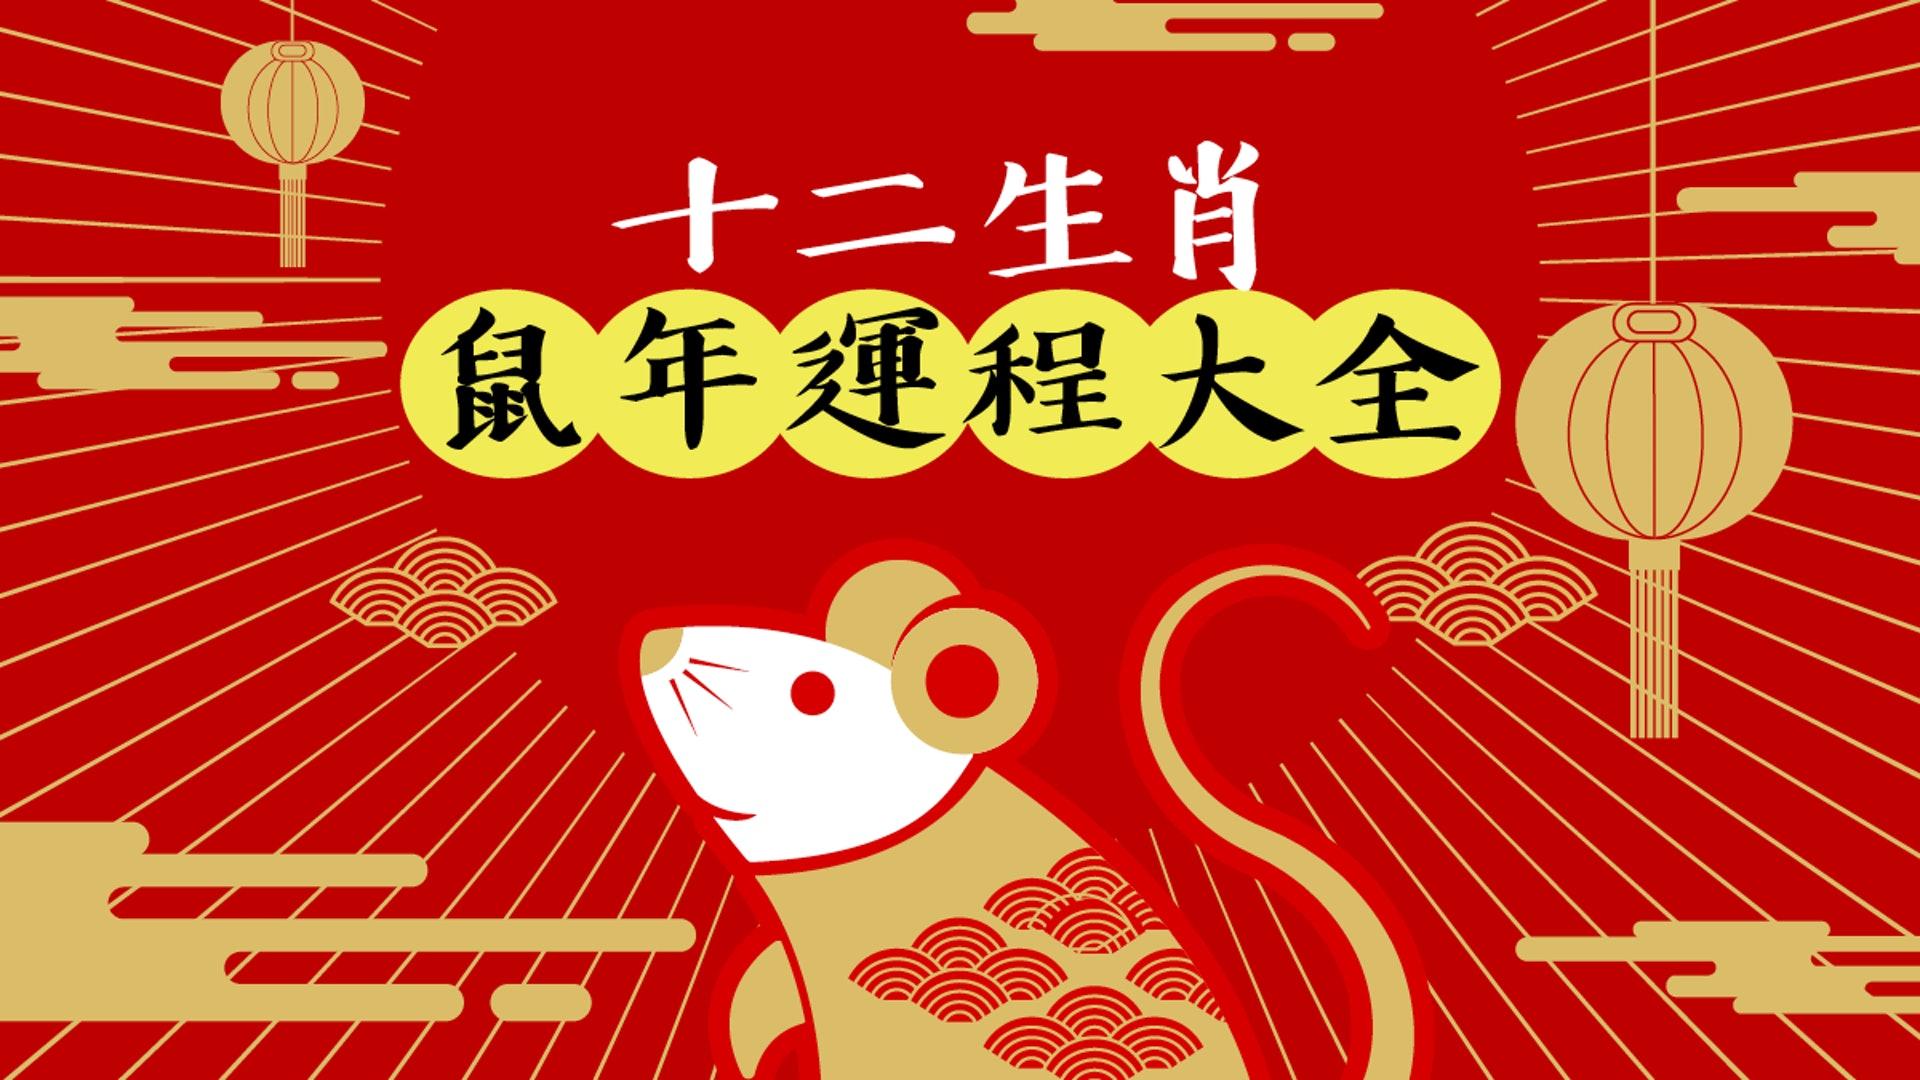 2020鼠年生肖運程星座運勢排行蘇民峰 麥玲玲助你提升姻緣運 香港01